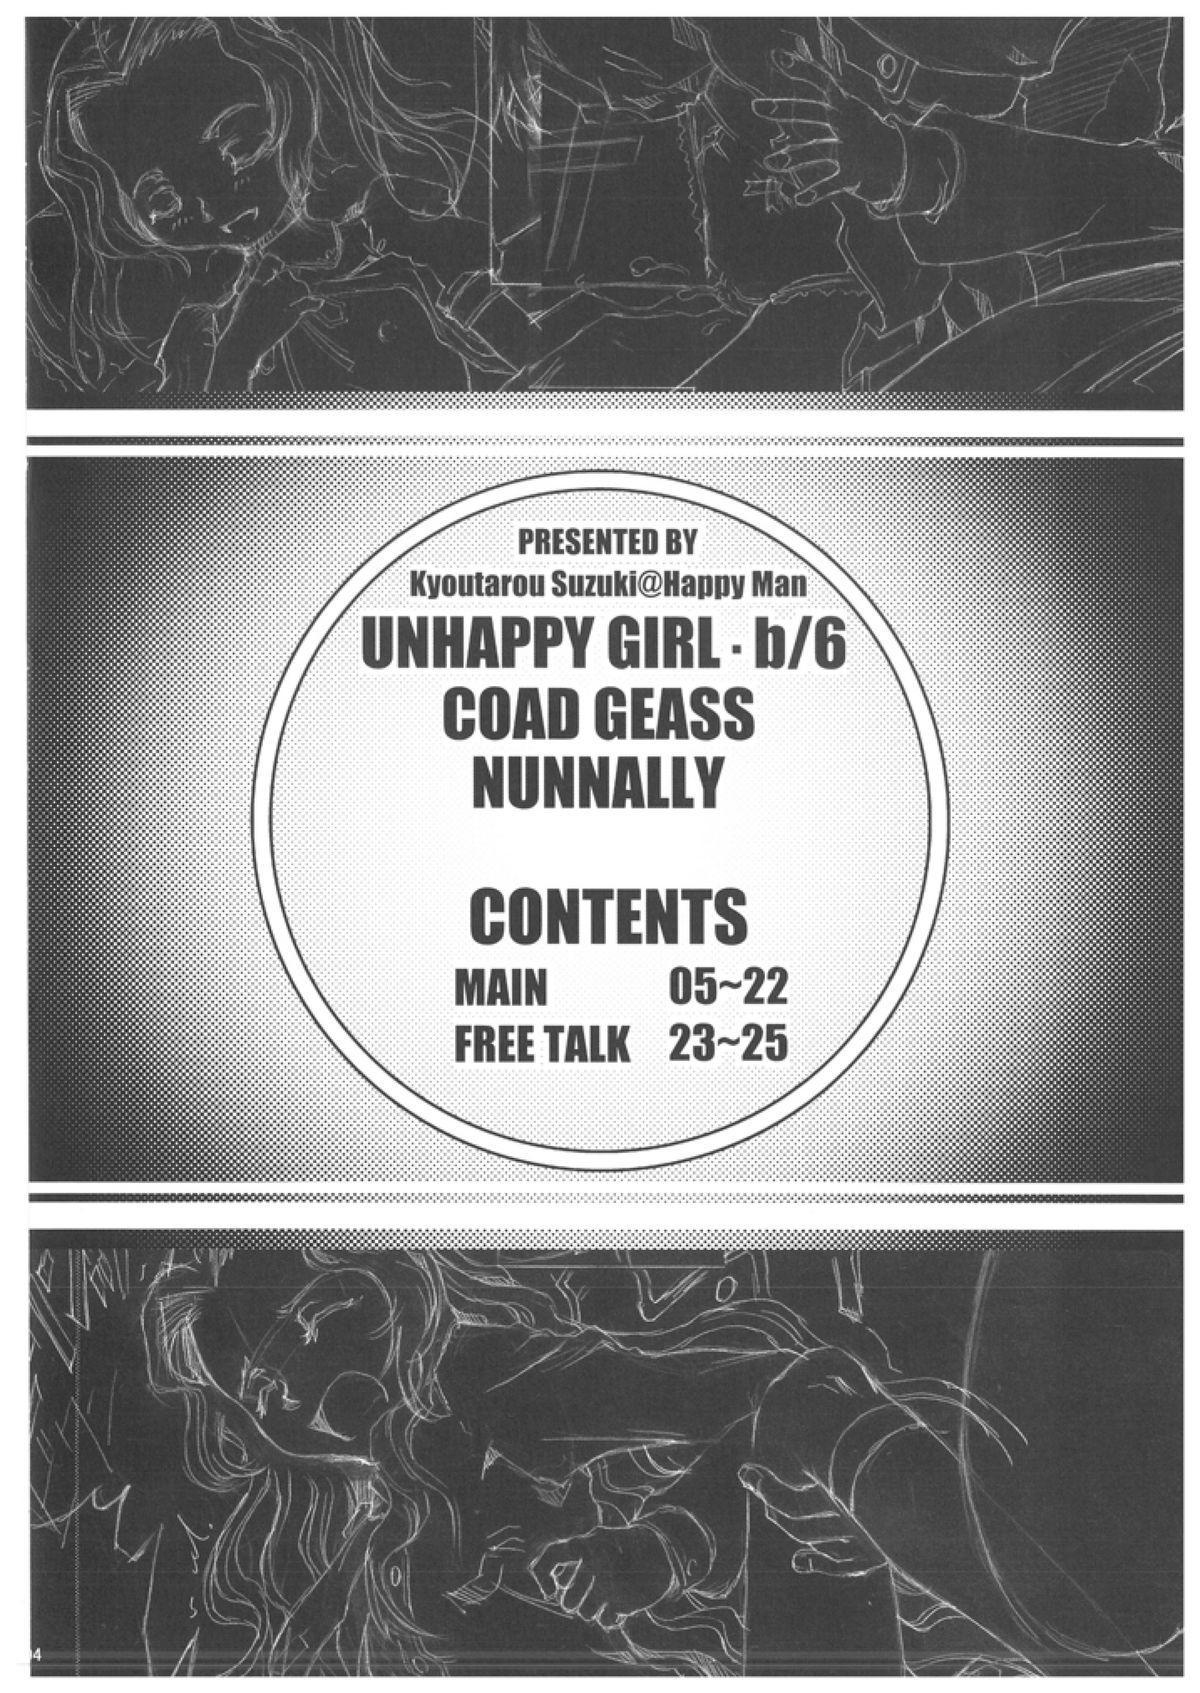 Unhappy Girl b/6 3